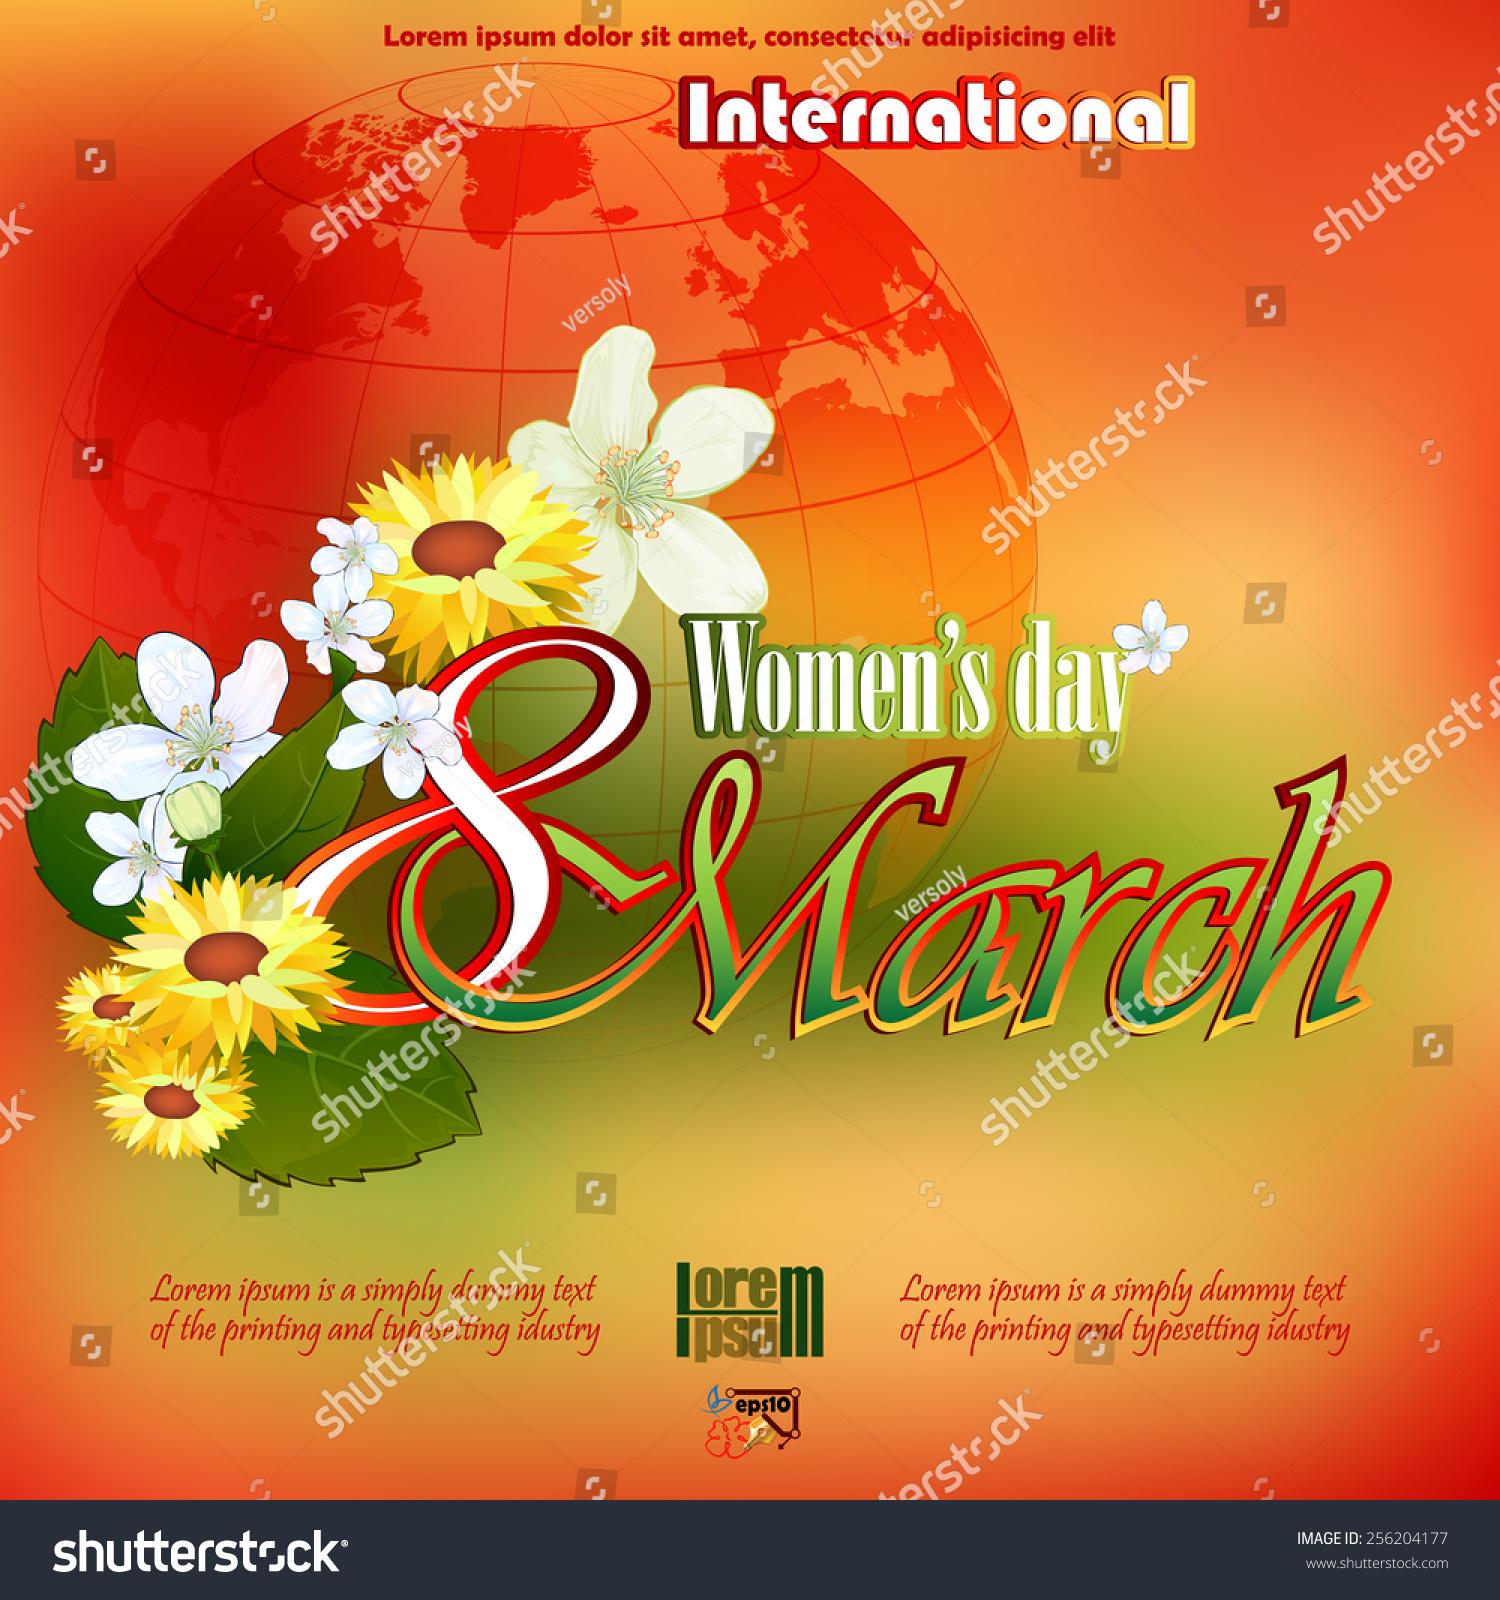 С днём 8 марта, дорогие женщины!